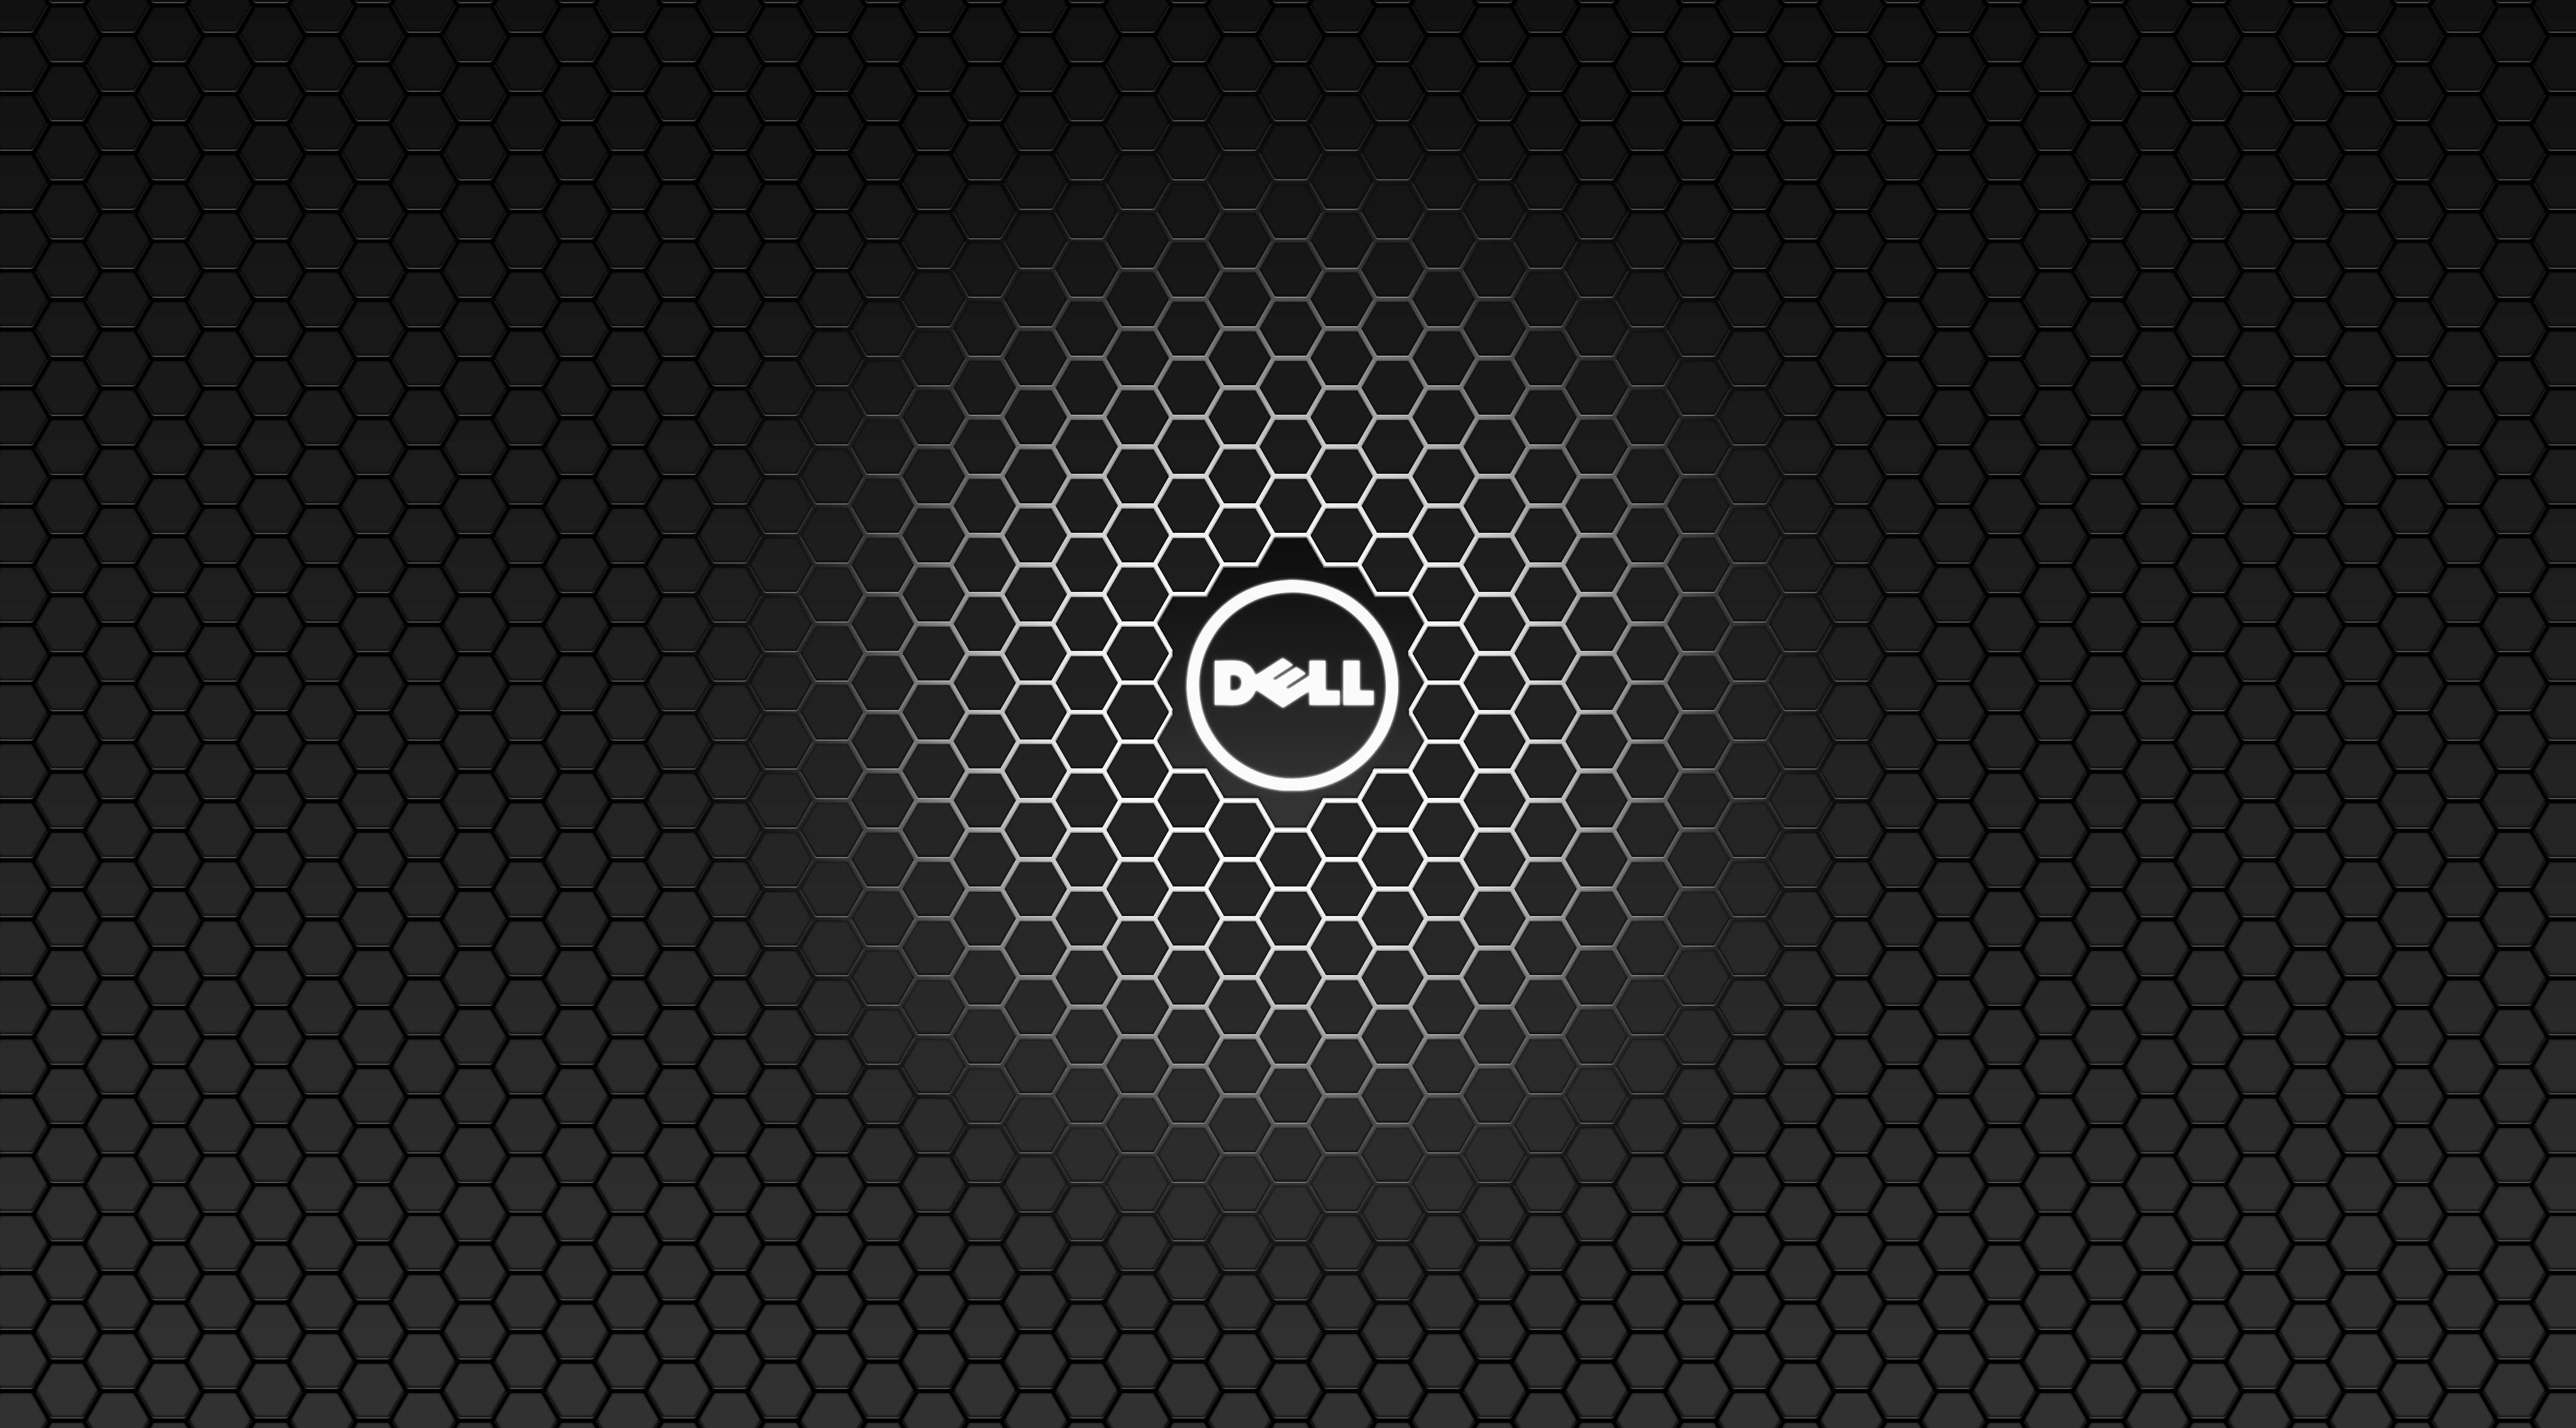 Dell Wallpapers 4k Em 2020 Papel De Parede Pc Papel De Parede Do Notebook Papael De Parede